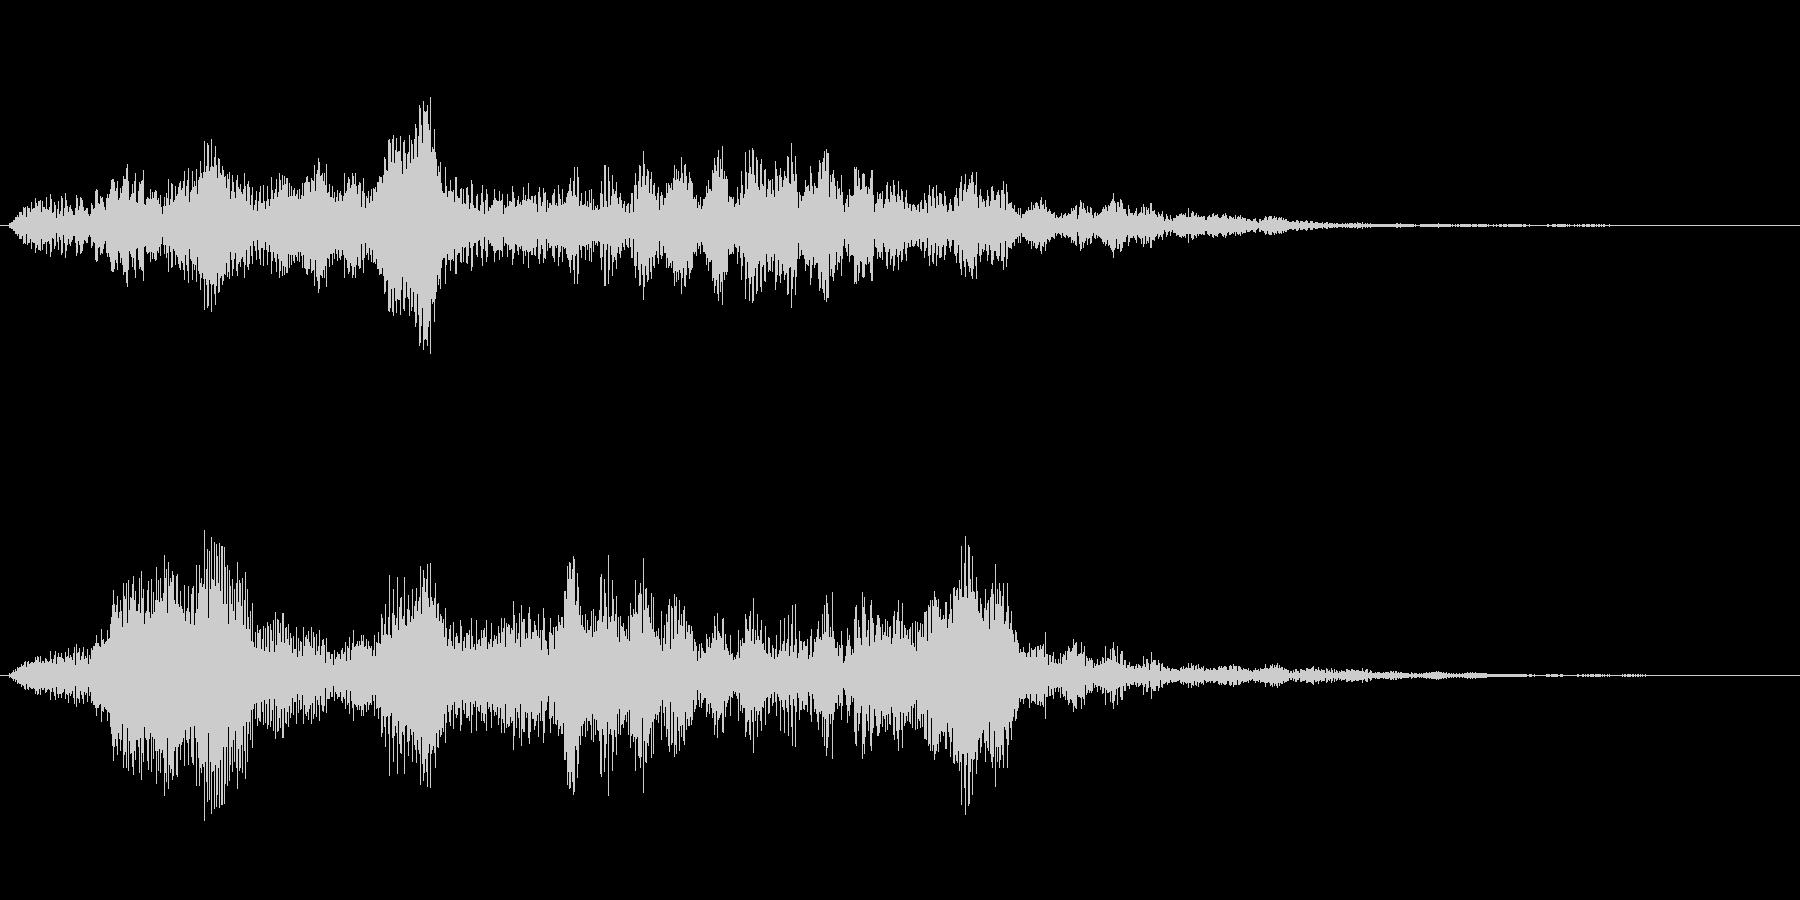 不気味な感じの効果音ですの未再生の波形